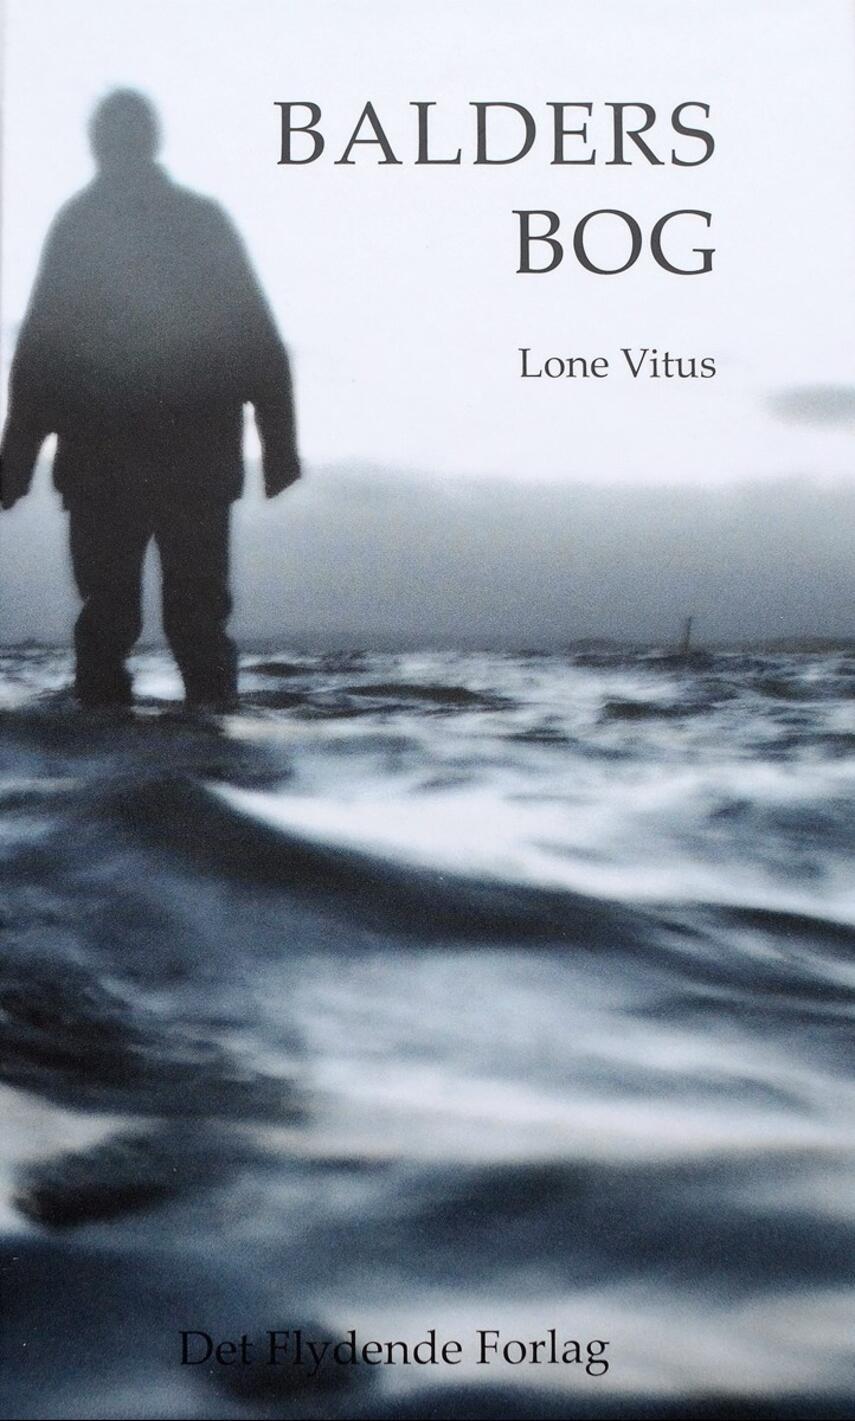 Lone Vitus: Balders bog